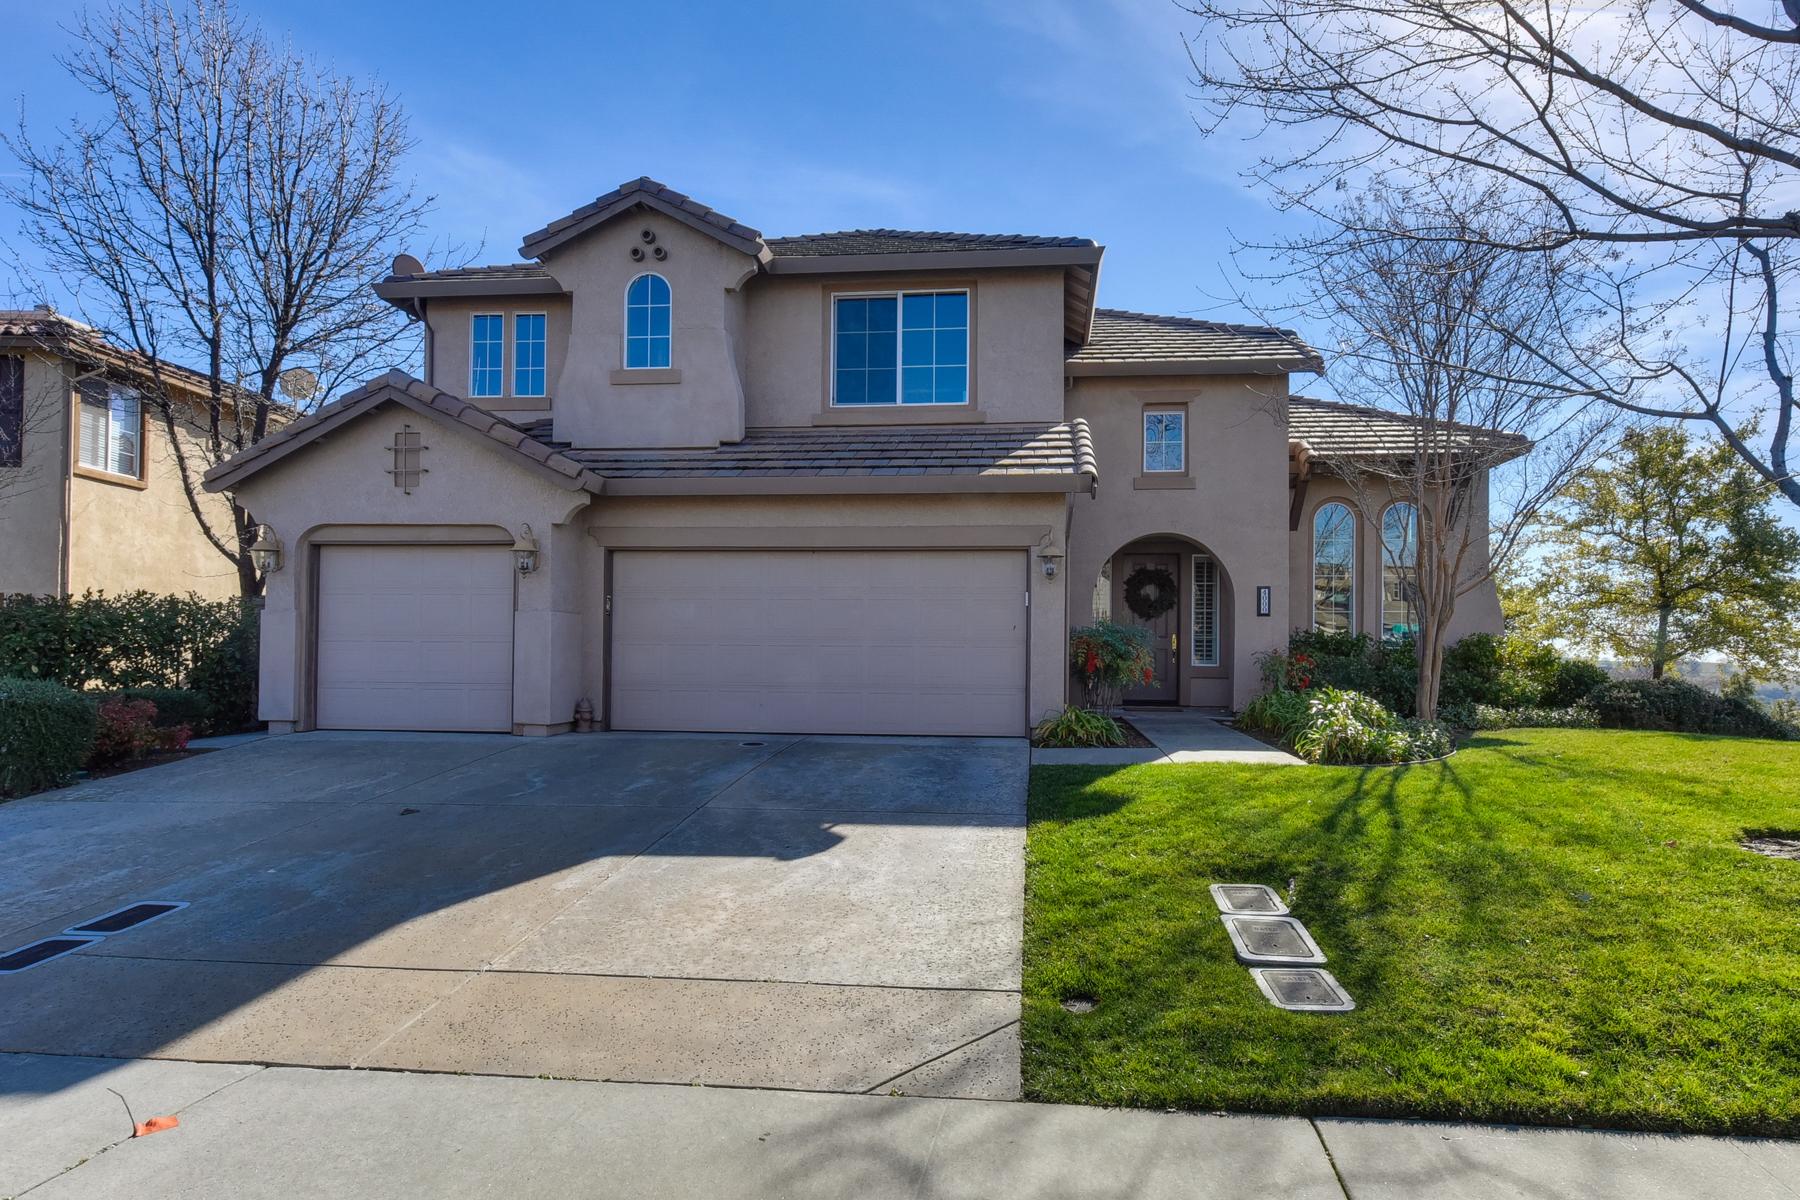 一戸建て のために 売買 アット 4000 Borders Drive, El Dorado Hills, CA 95762 El Dorado Hills, カリフォルニア 95762 アメリカ合衆国